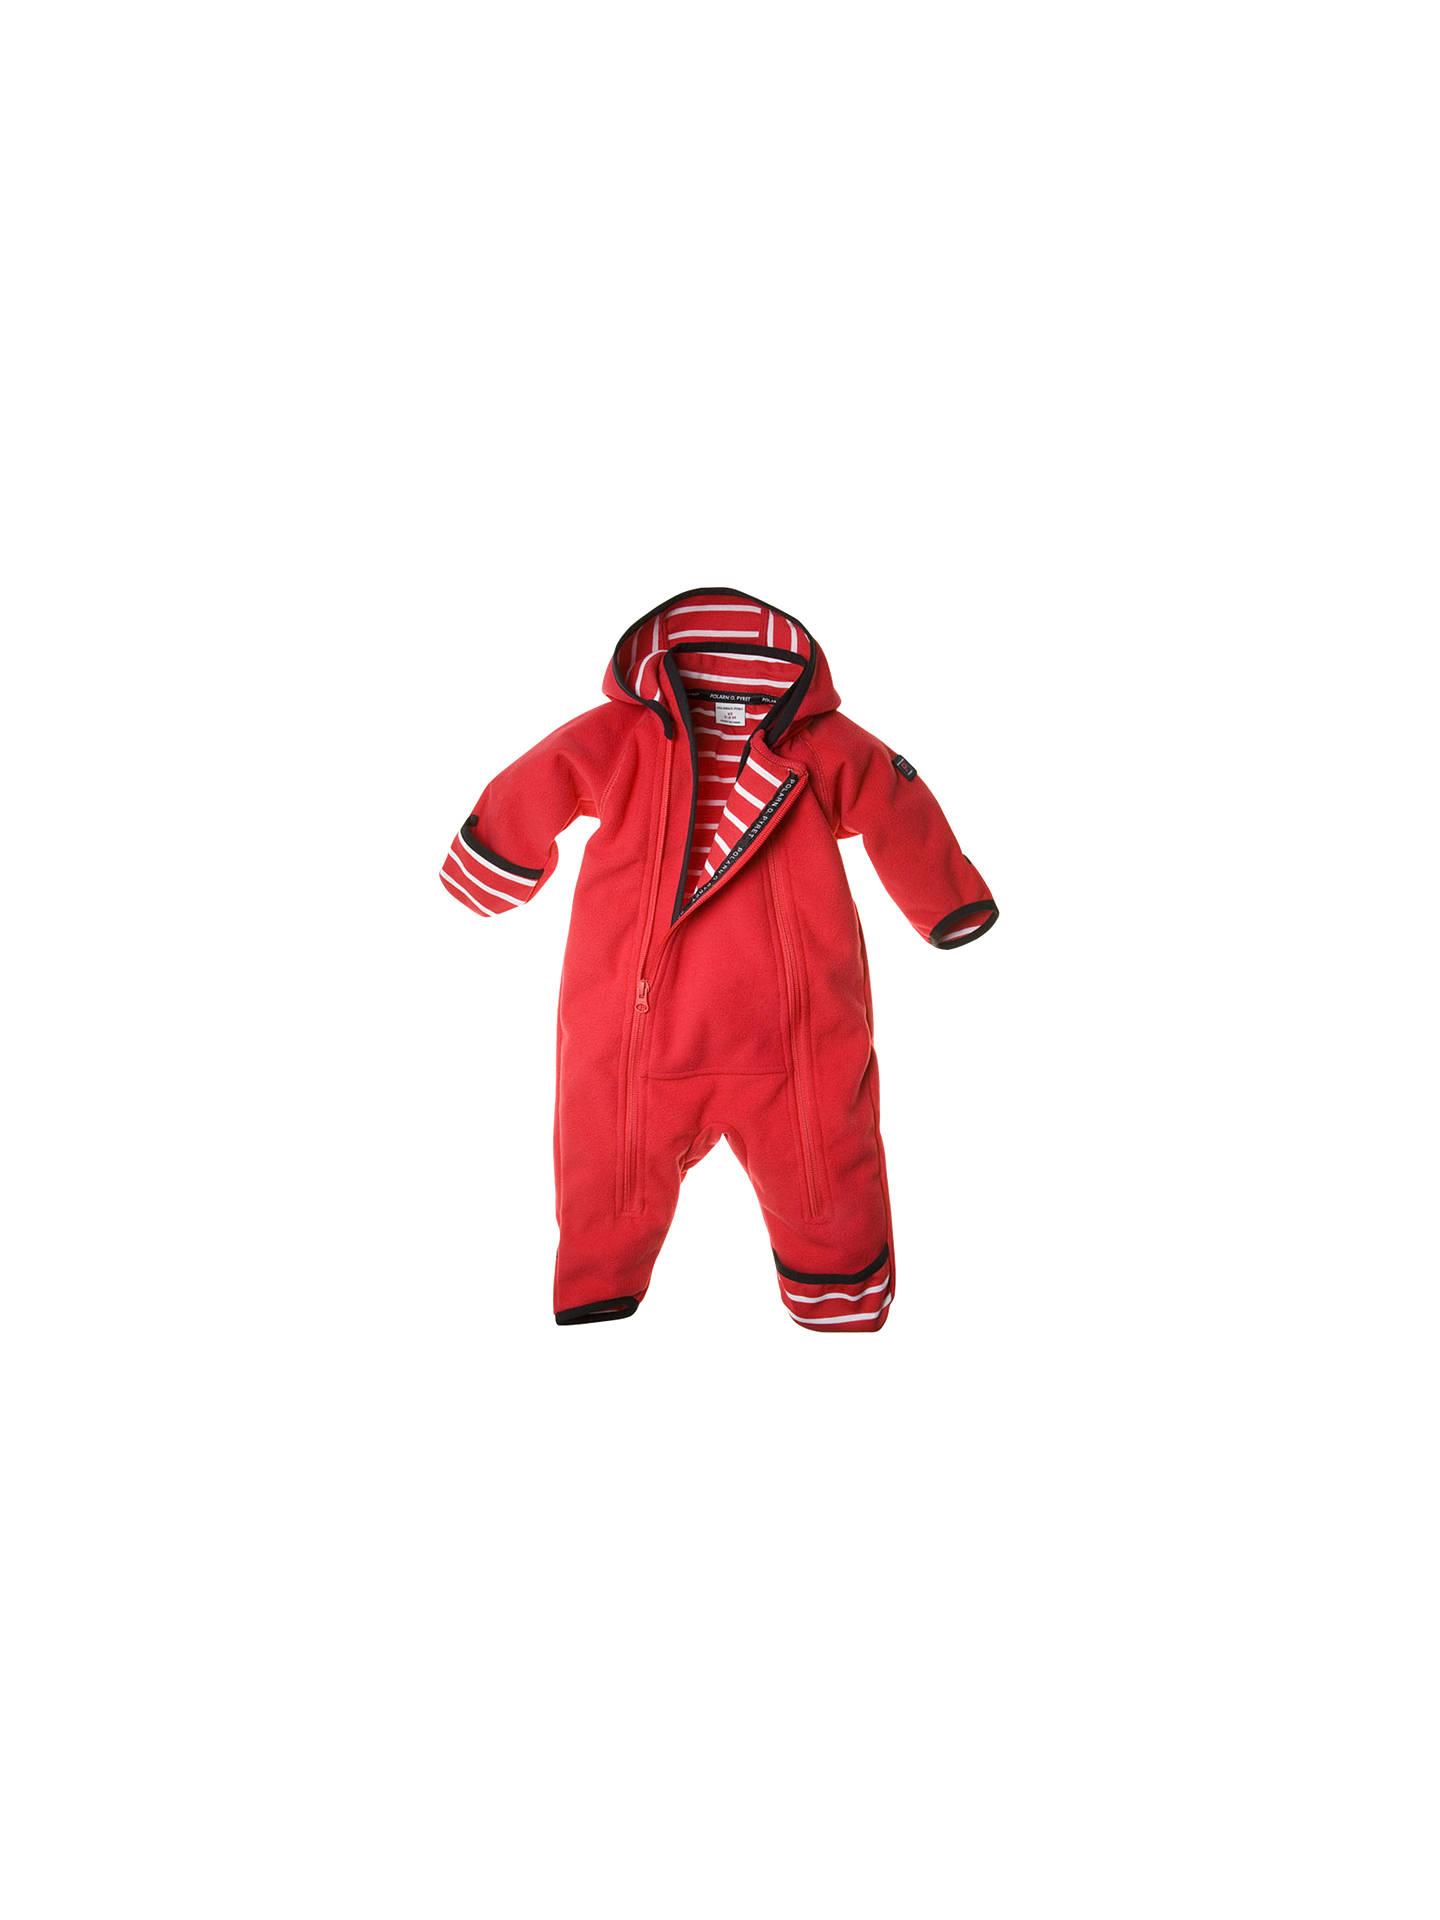 b3f757360 Polarn O. Pyret Fleece Suit at John Lewis   Partners